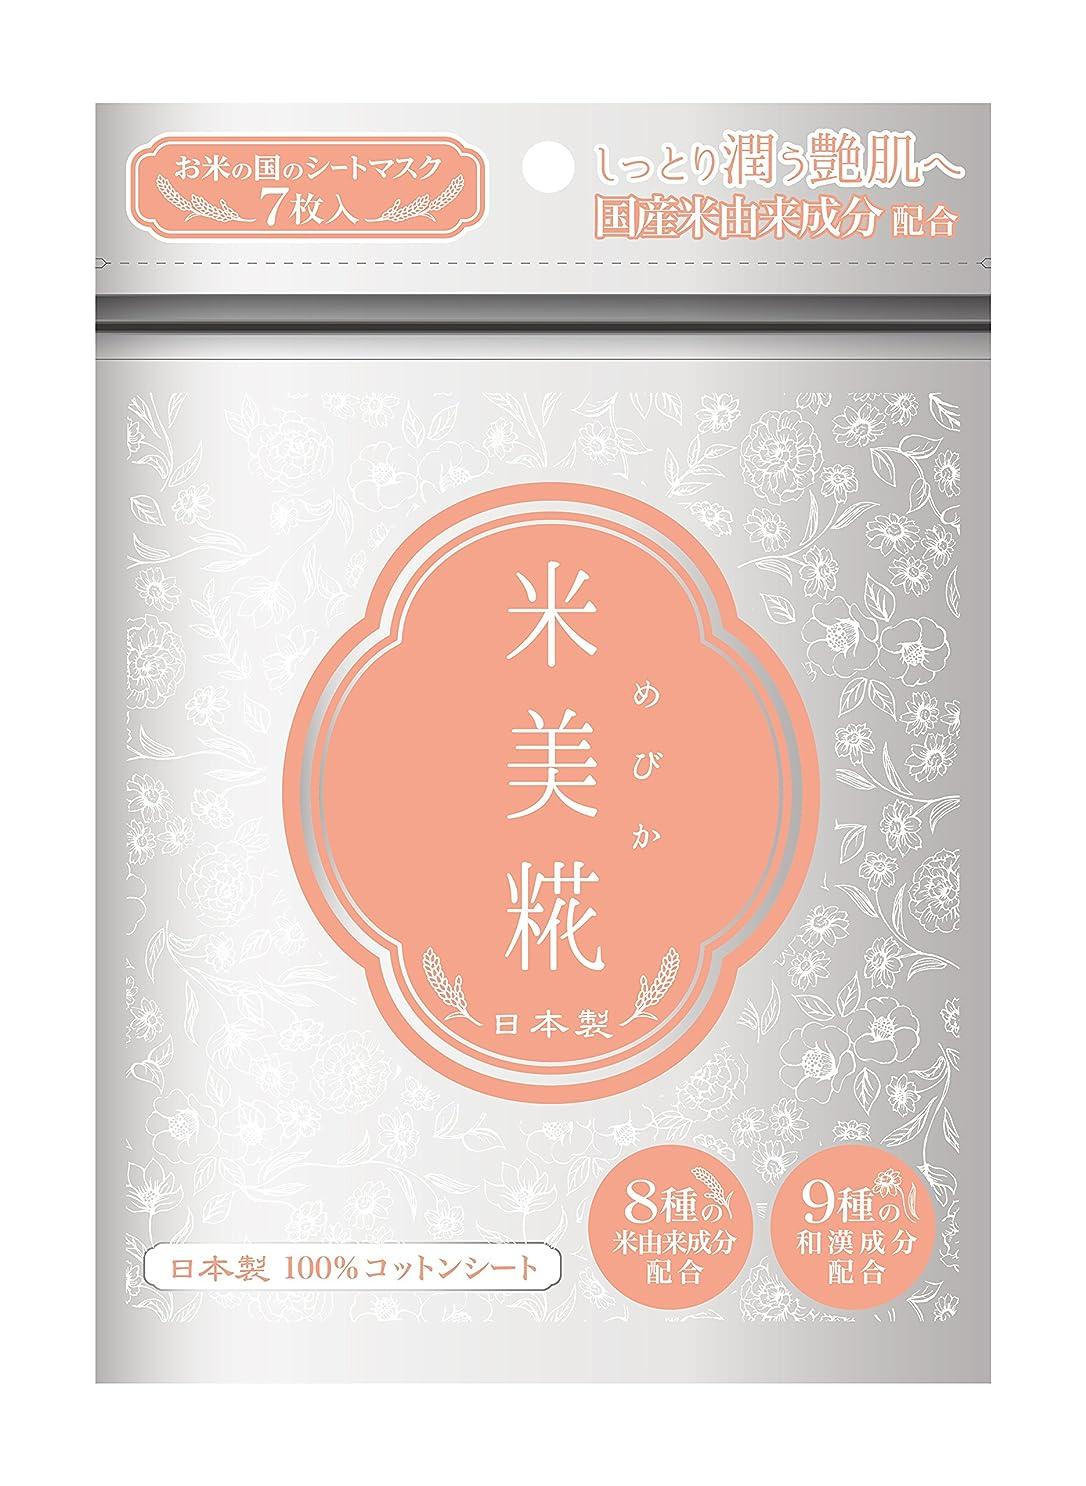 違反する耳熟達した米美糀 モイストシートマスク (7枚入)